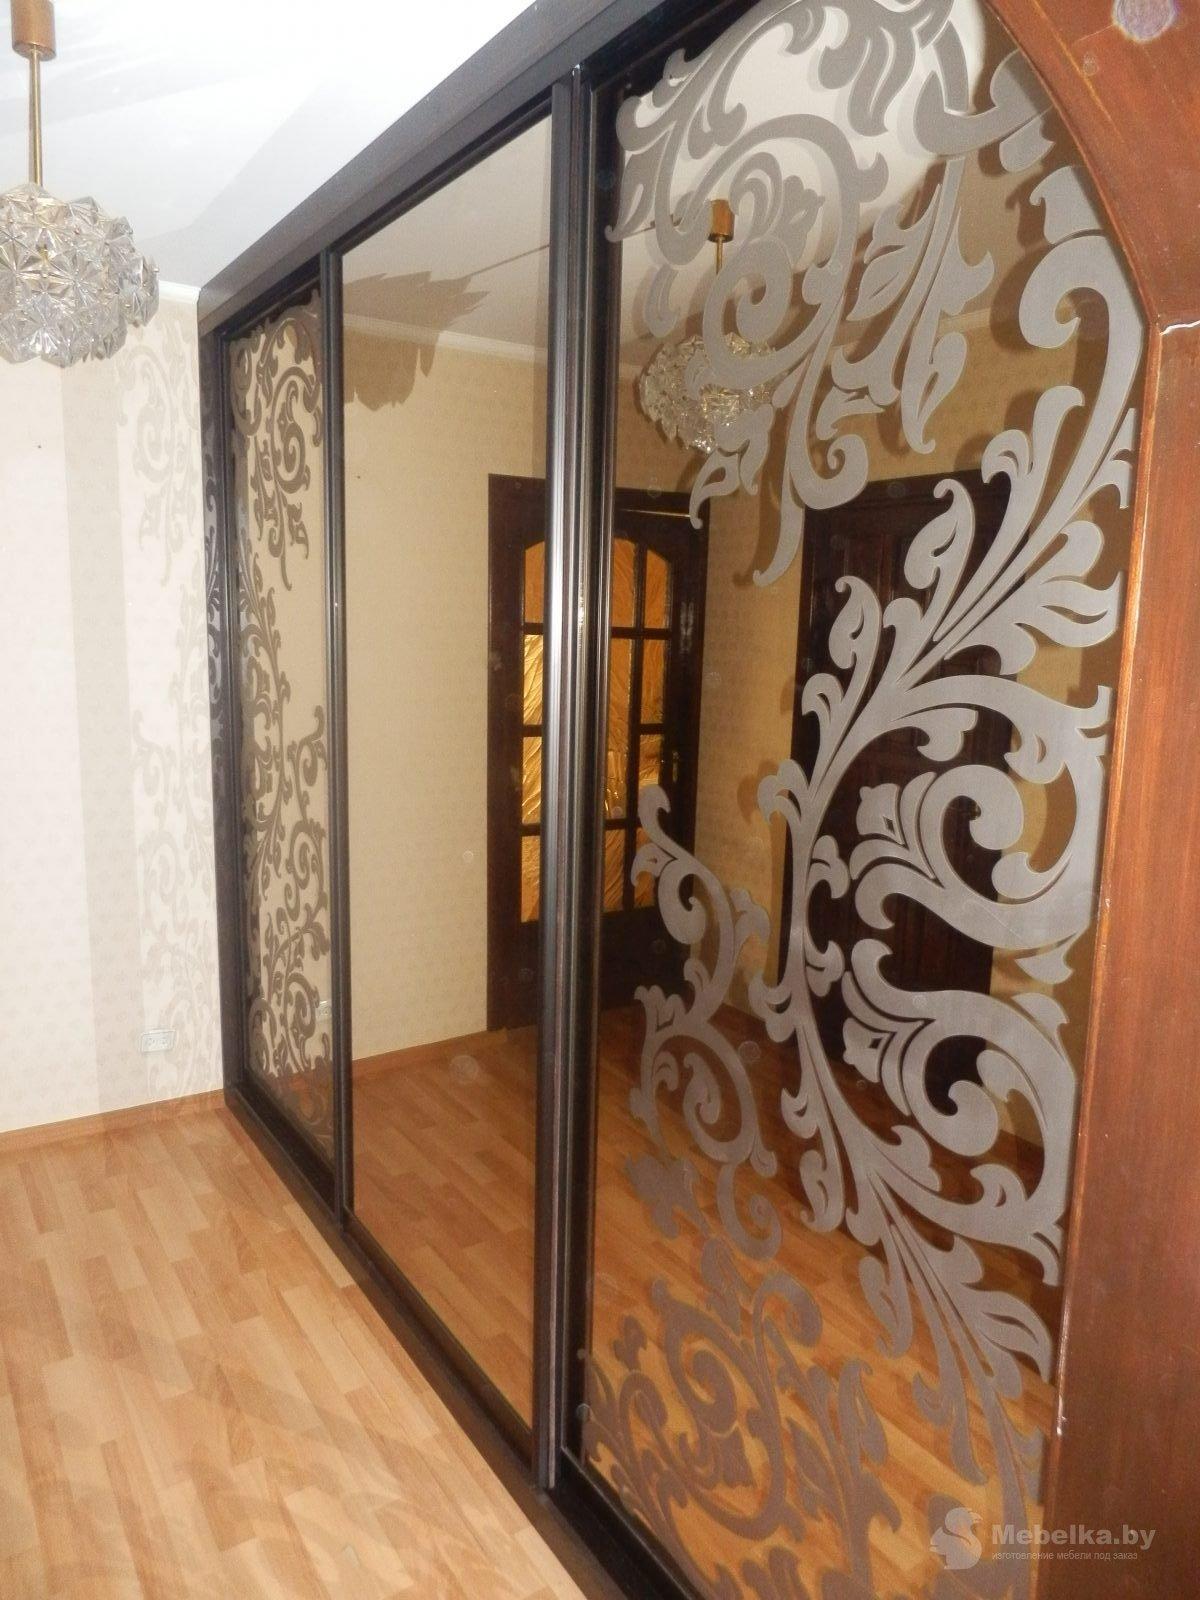 Шкаф-купе с пескоструйным рисункрм на зеркале бронза вид 2